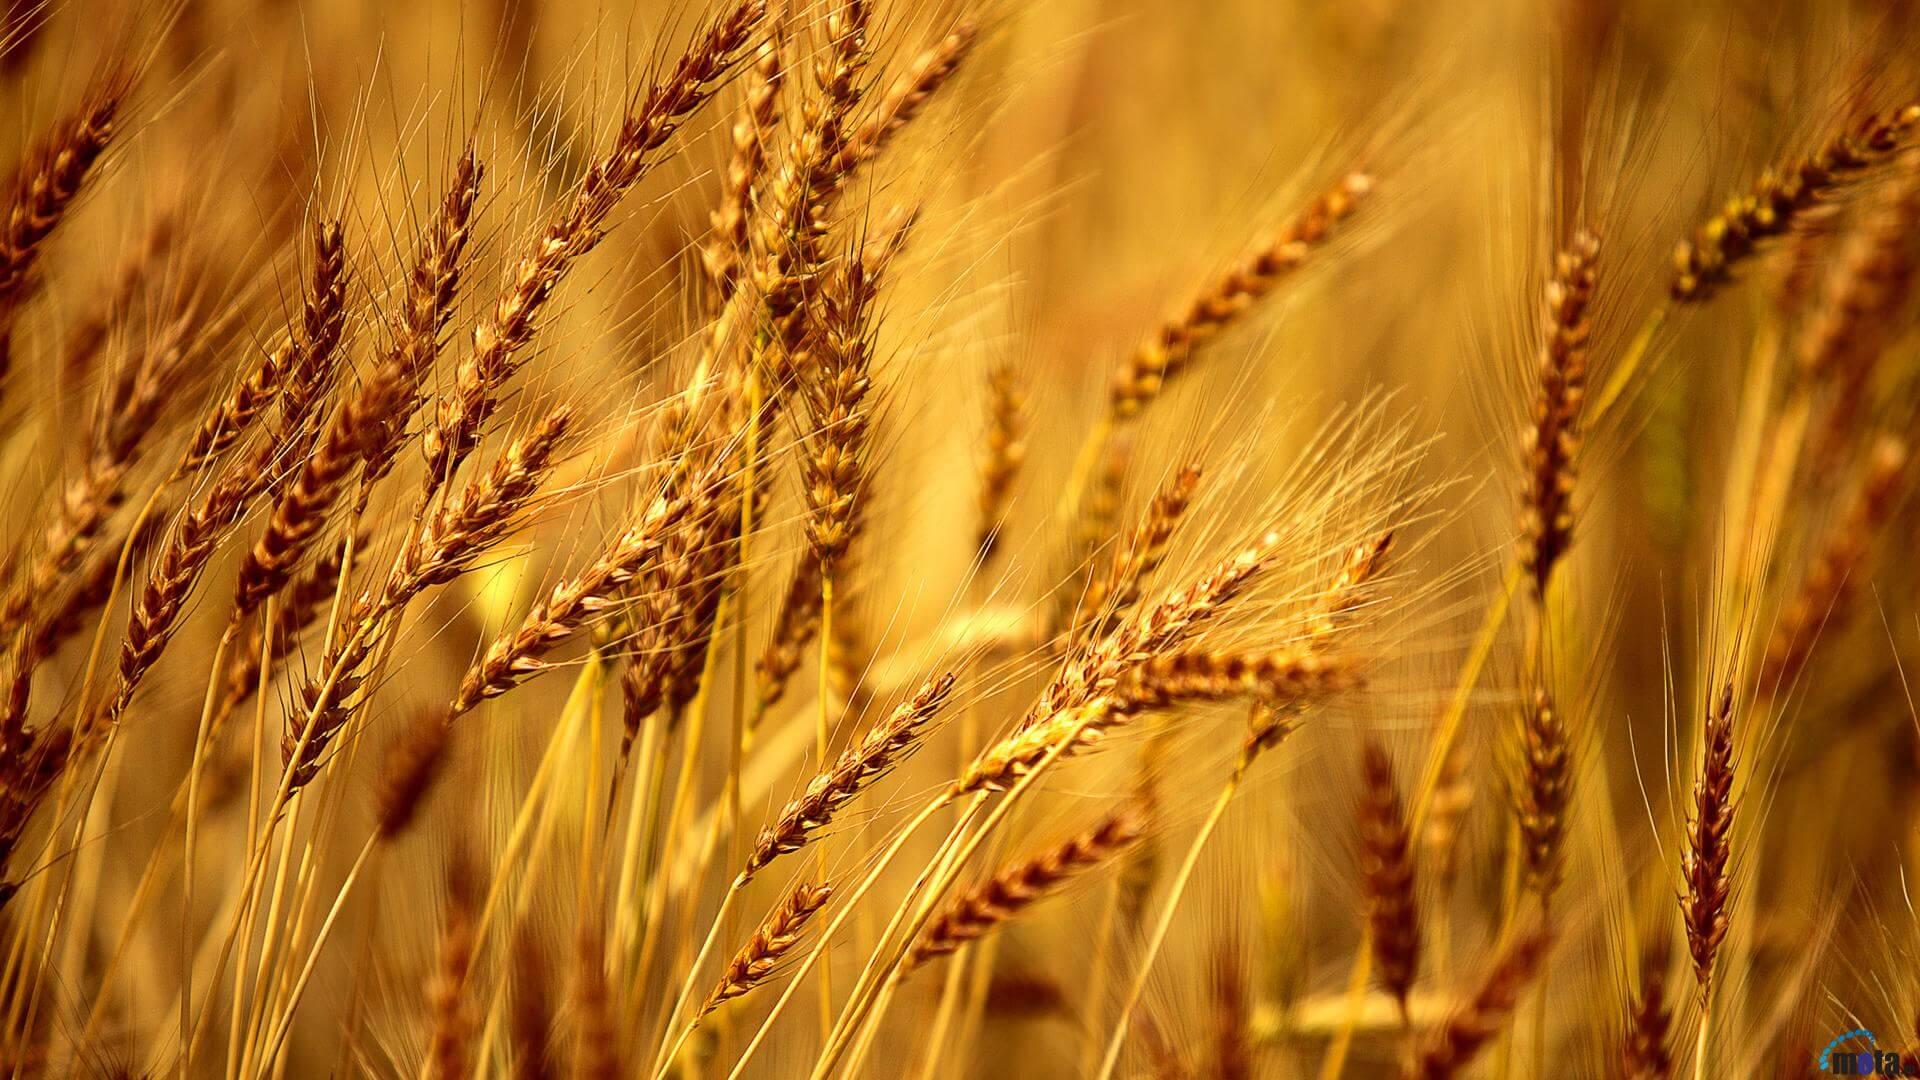 Barley in Hindi  जौ खाने के फायदे और उसमें पाए जाने वाले आवश्यक तत्व।